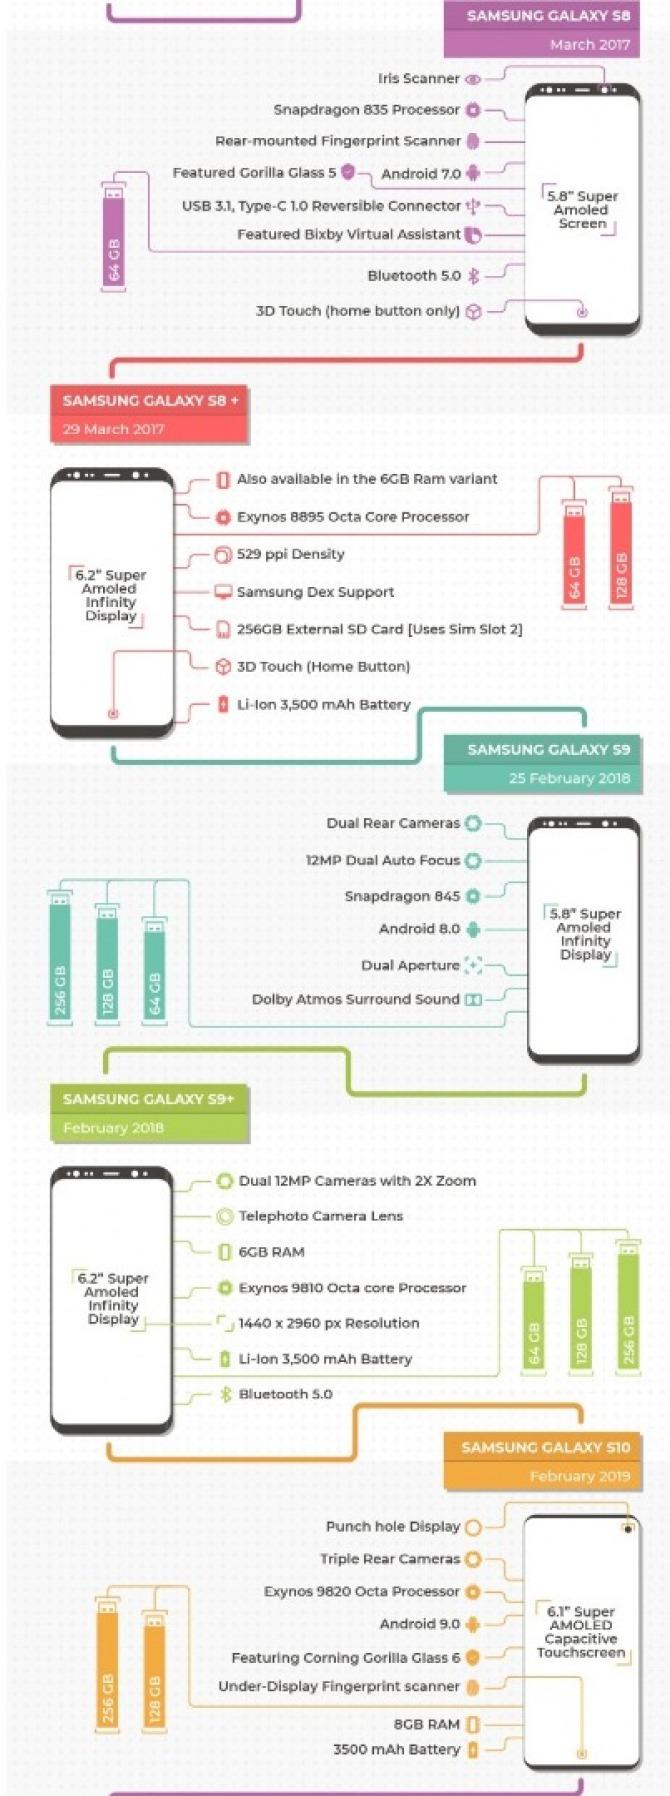 Jak zmieniał się smartfon Samsung Galaxy S? Zobacz infografikę [nc3]